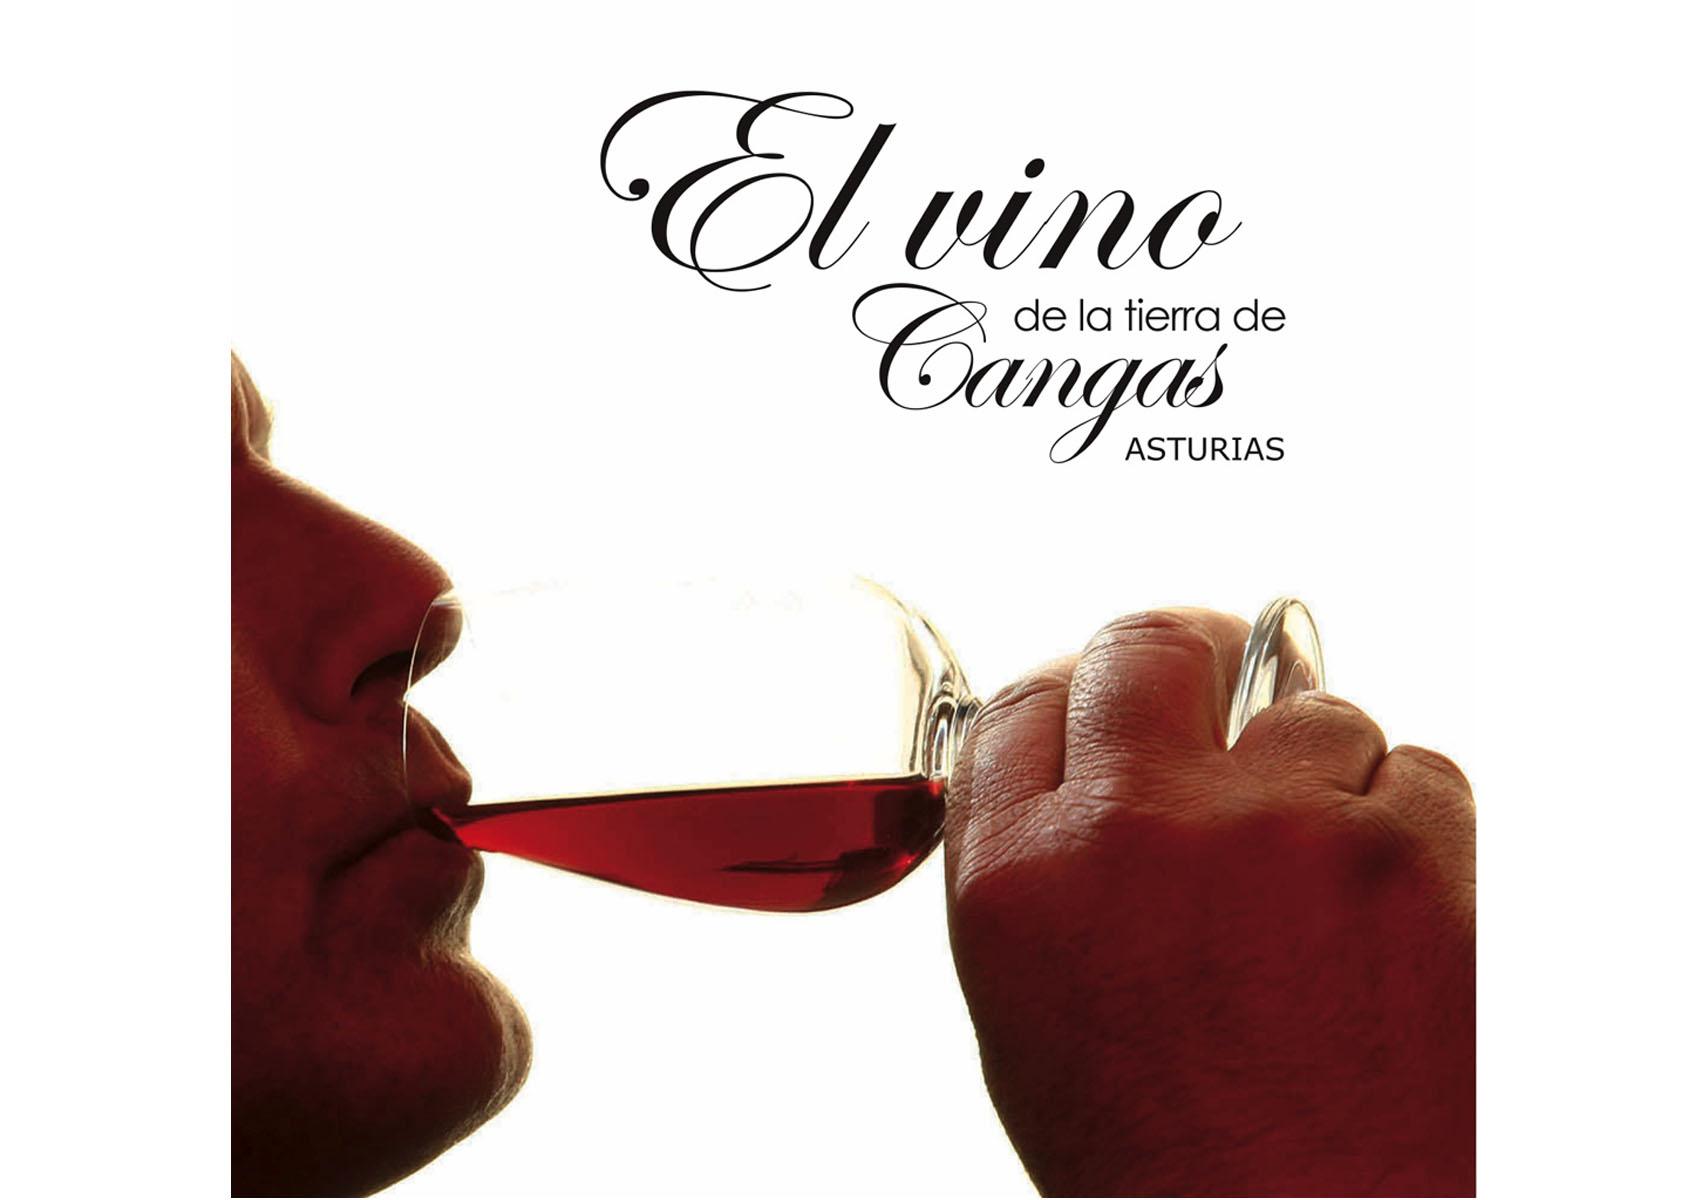 El vino de la tierra de Cangas